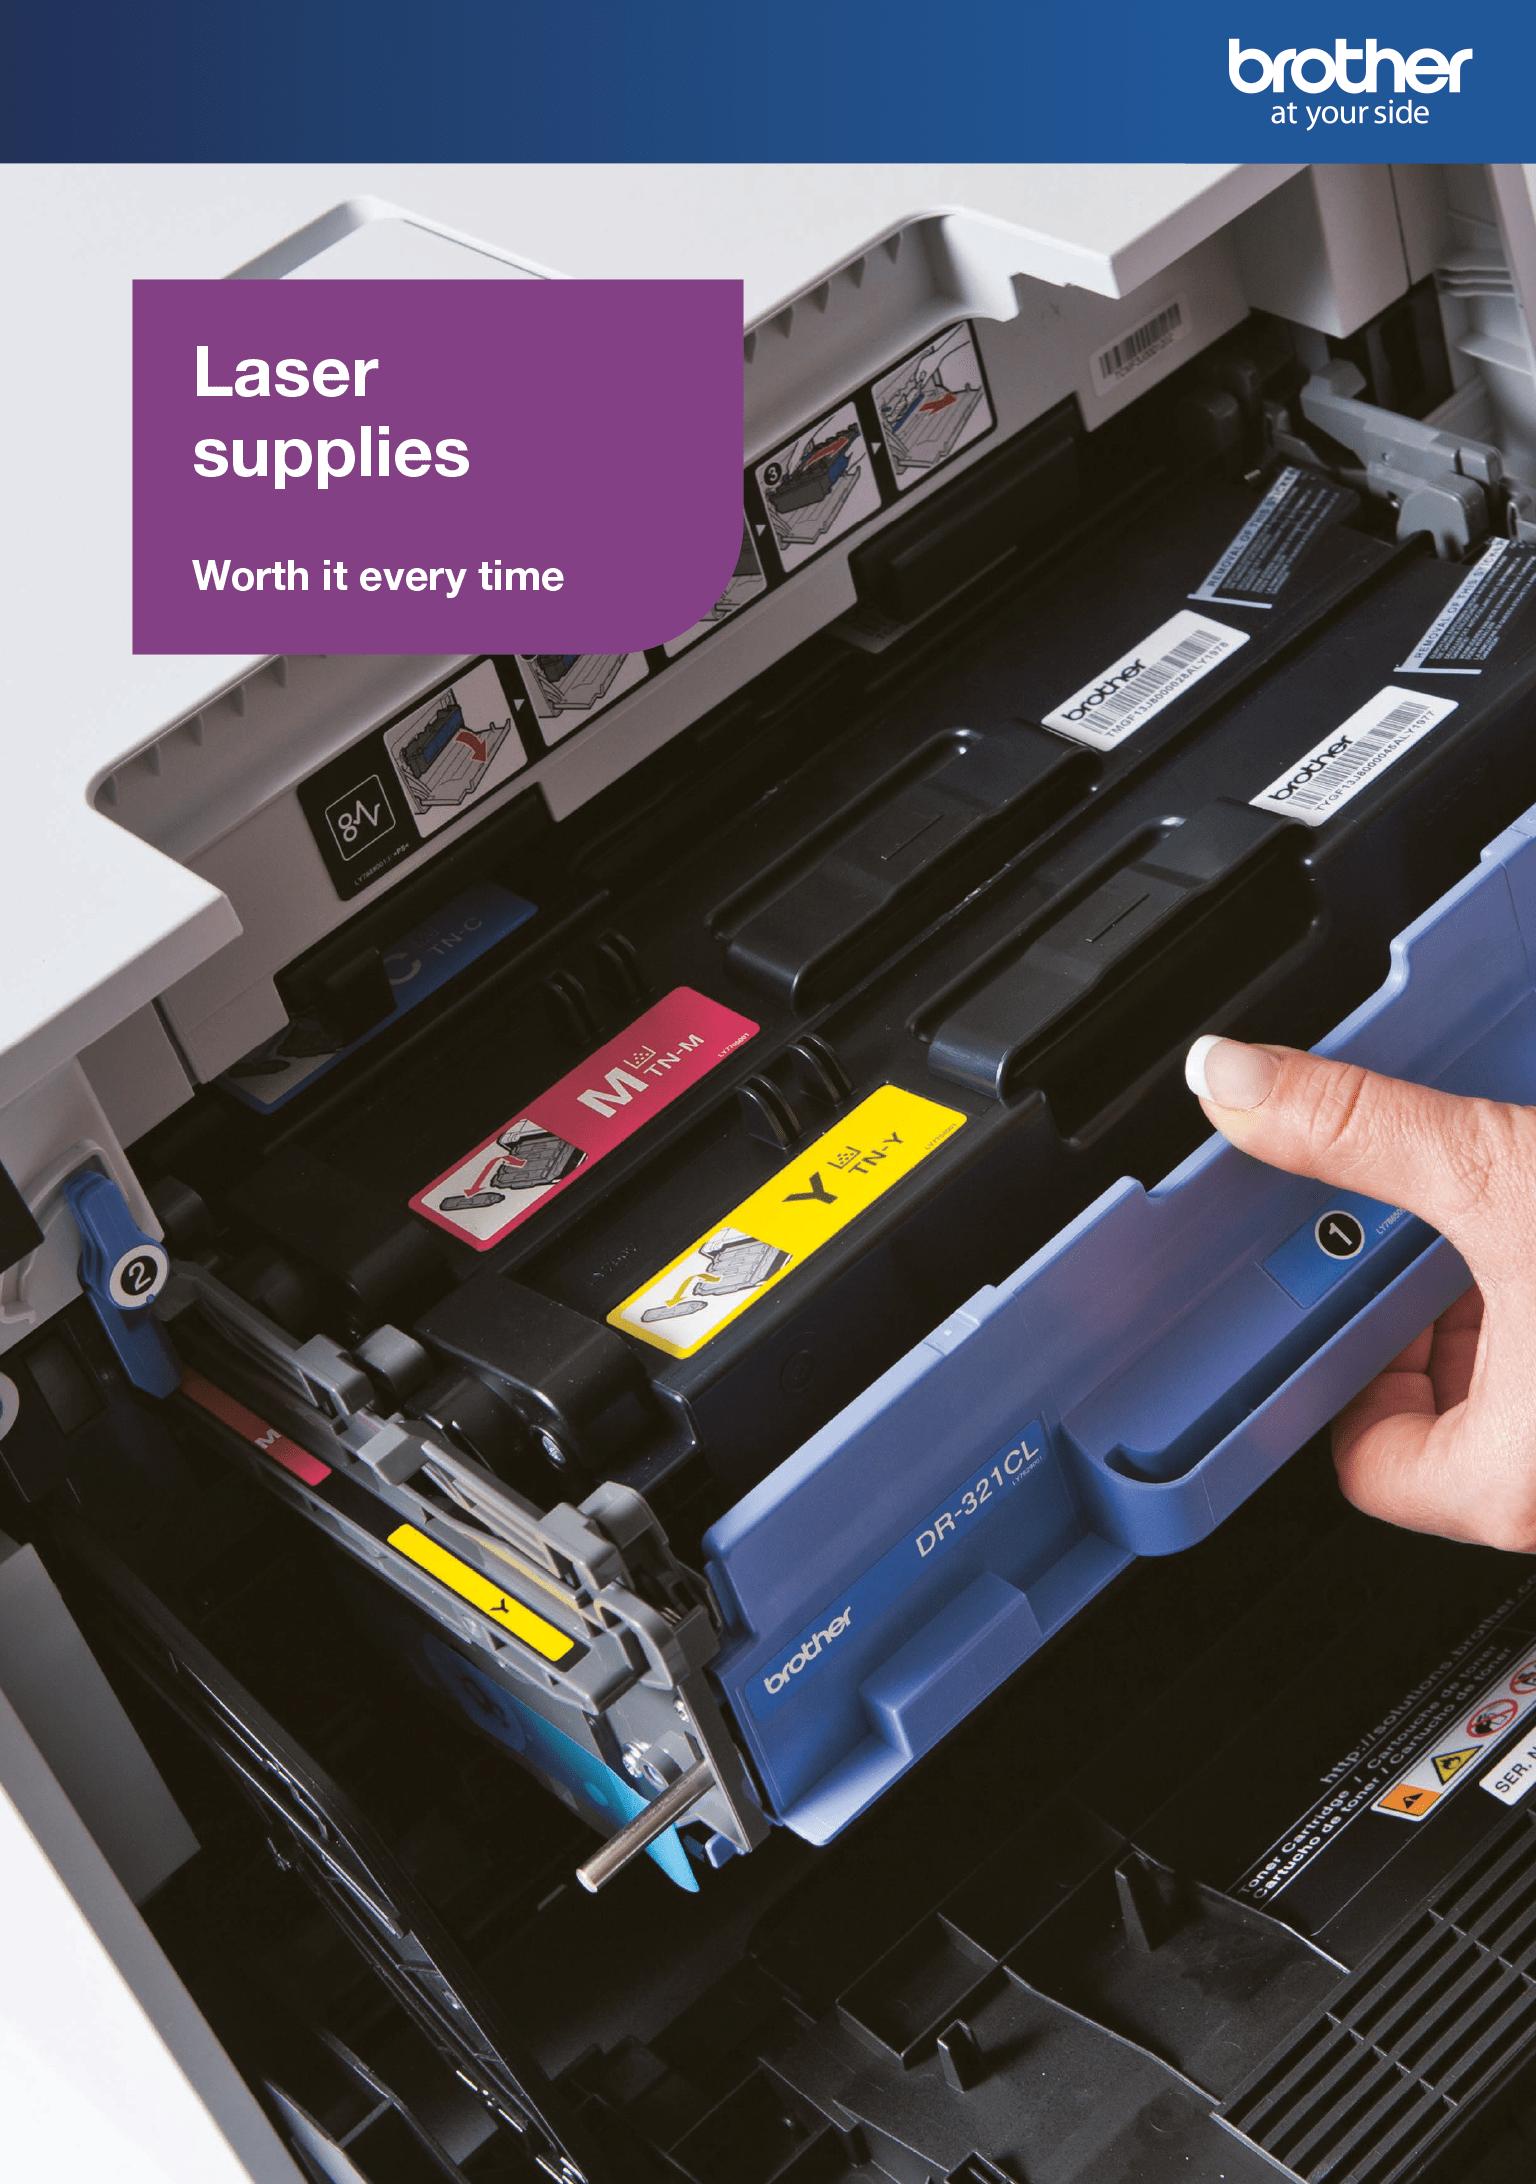 Laserlaitteisiin soveltuvat värikasetit